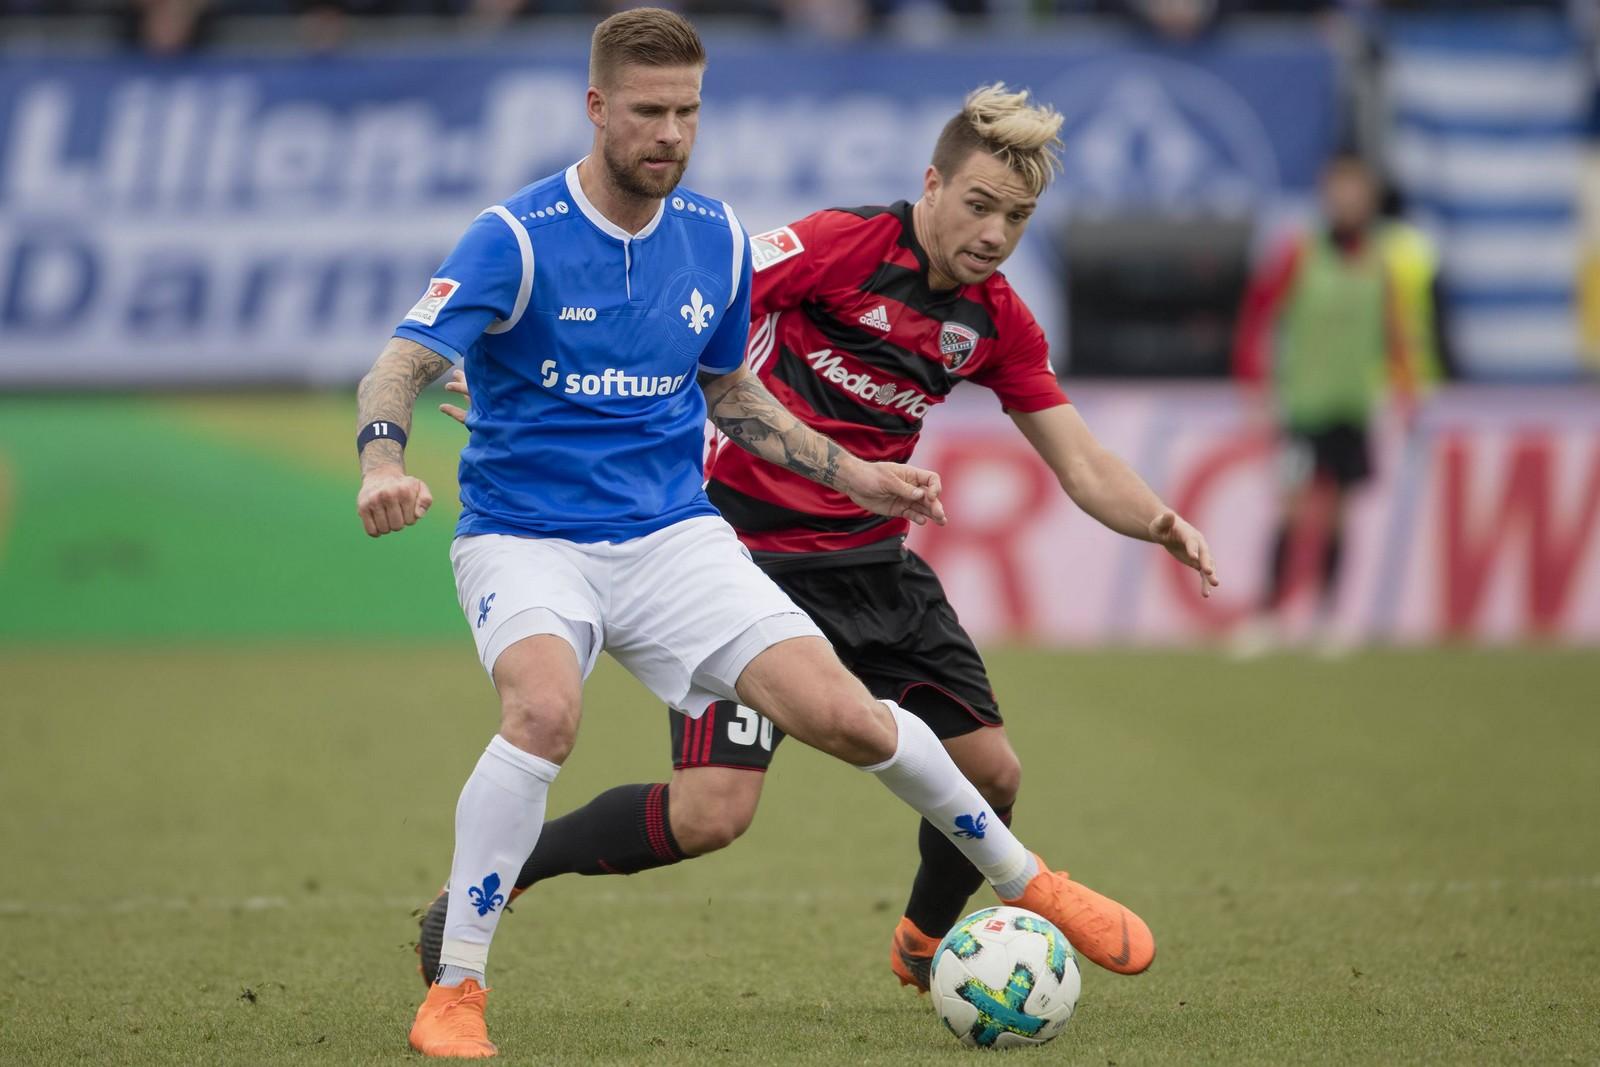 Vermiest Tobias Kempe dem neuen Trainer des FCI den Einstand? Jetzt auf Darmstadt gegen Ingolstadt wetten!